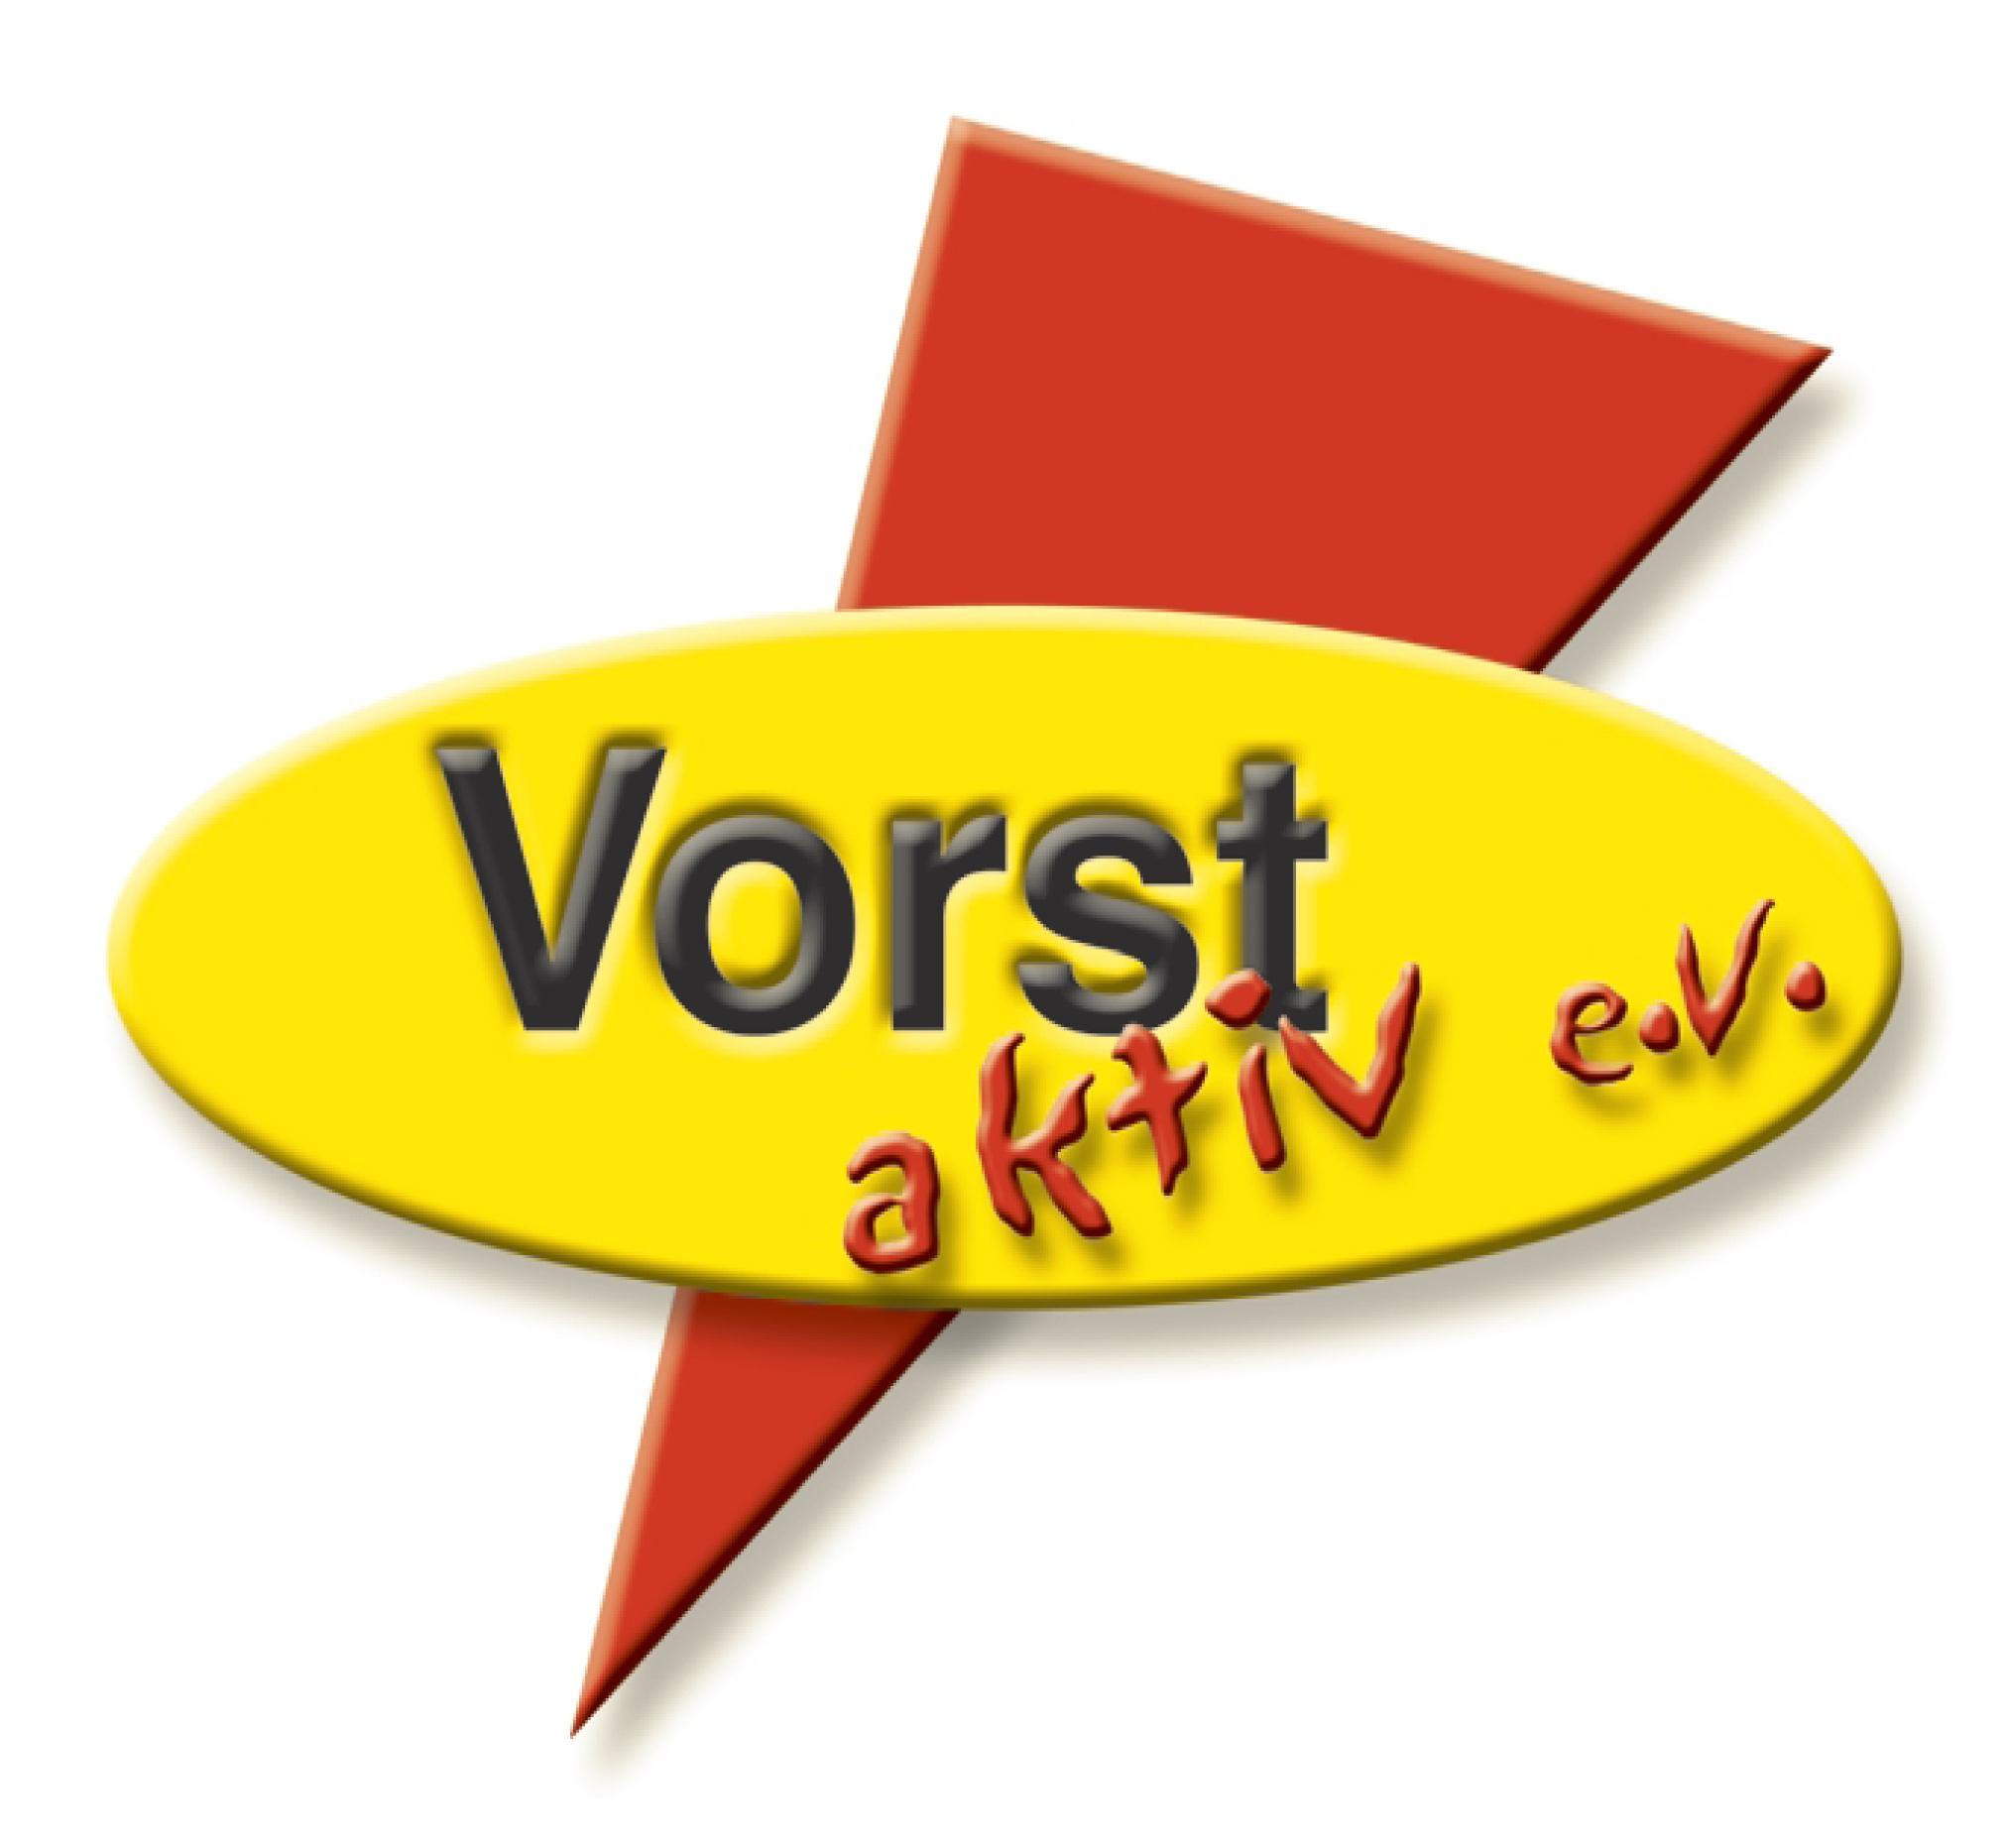 Vorst-Aktiv-Logo.jpg